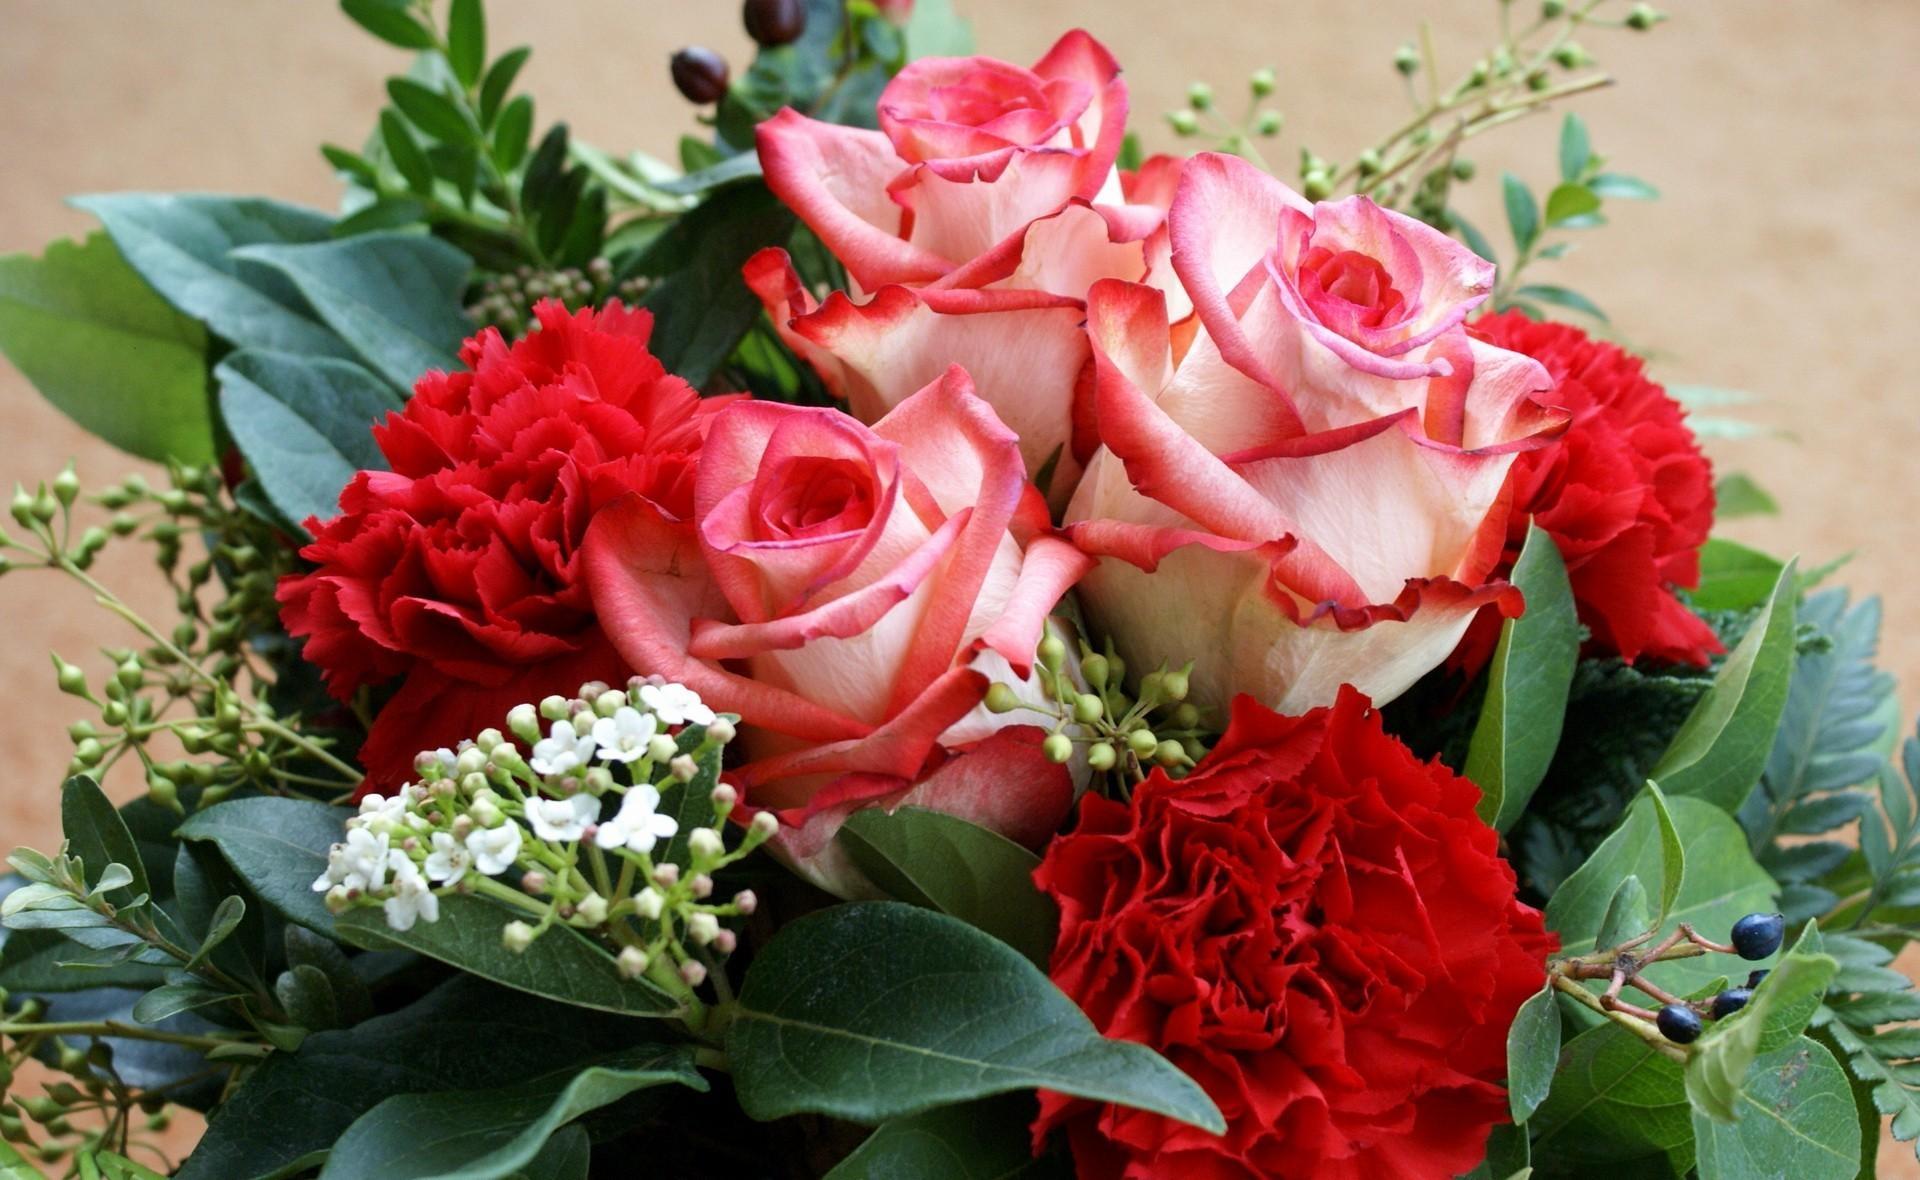 153689 Заставки и Обои Гвоздики на телефон. Скачать Цветы, Розы, Листья, Гвоздики, Букет картинки бесплатно